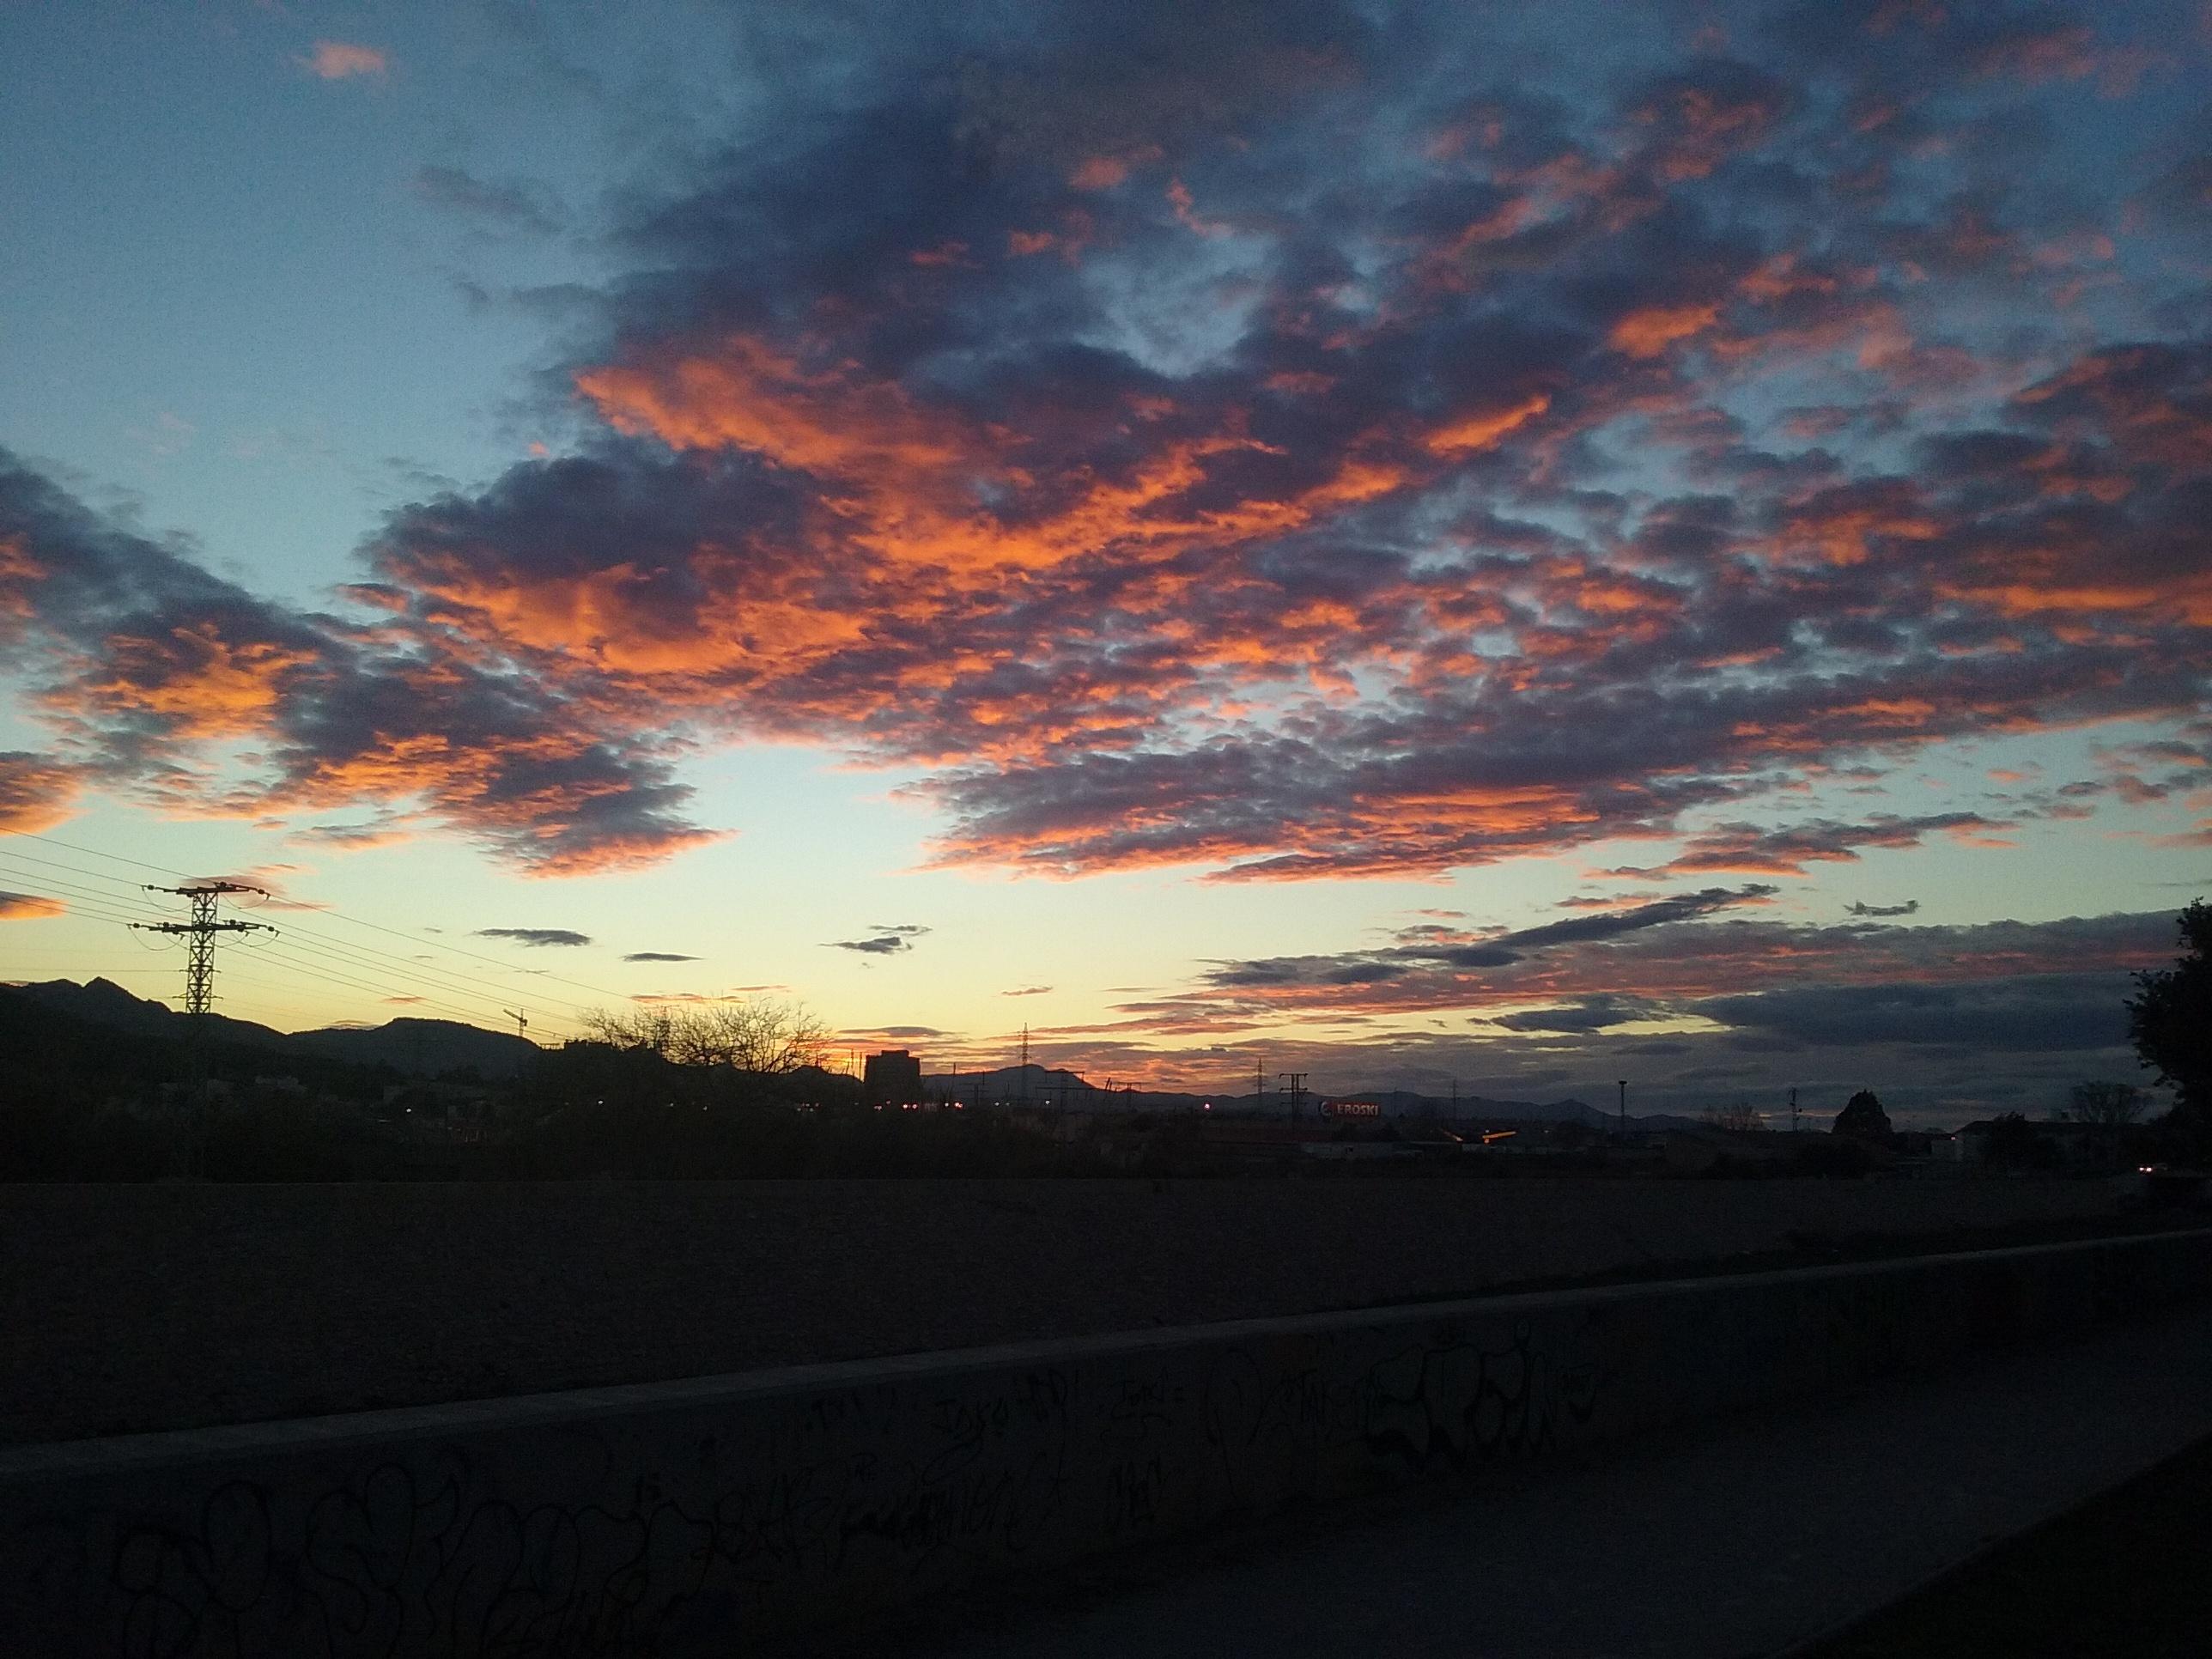 Wallpaper : pemandangan, langit, matahari terbenam 2576x1932